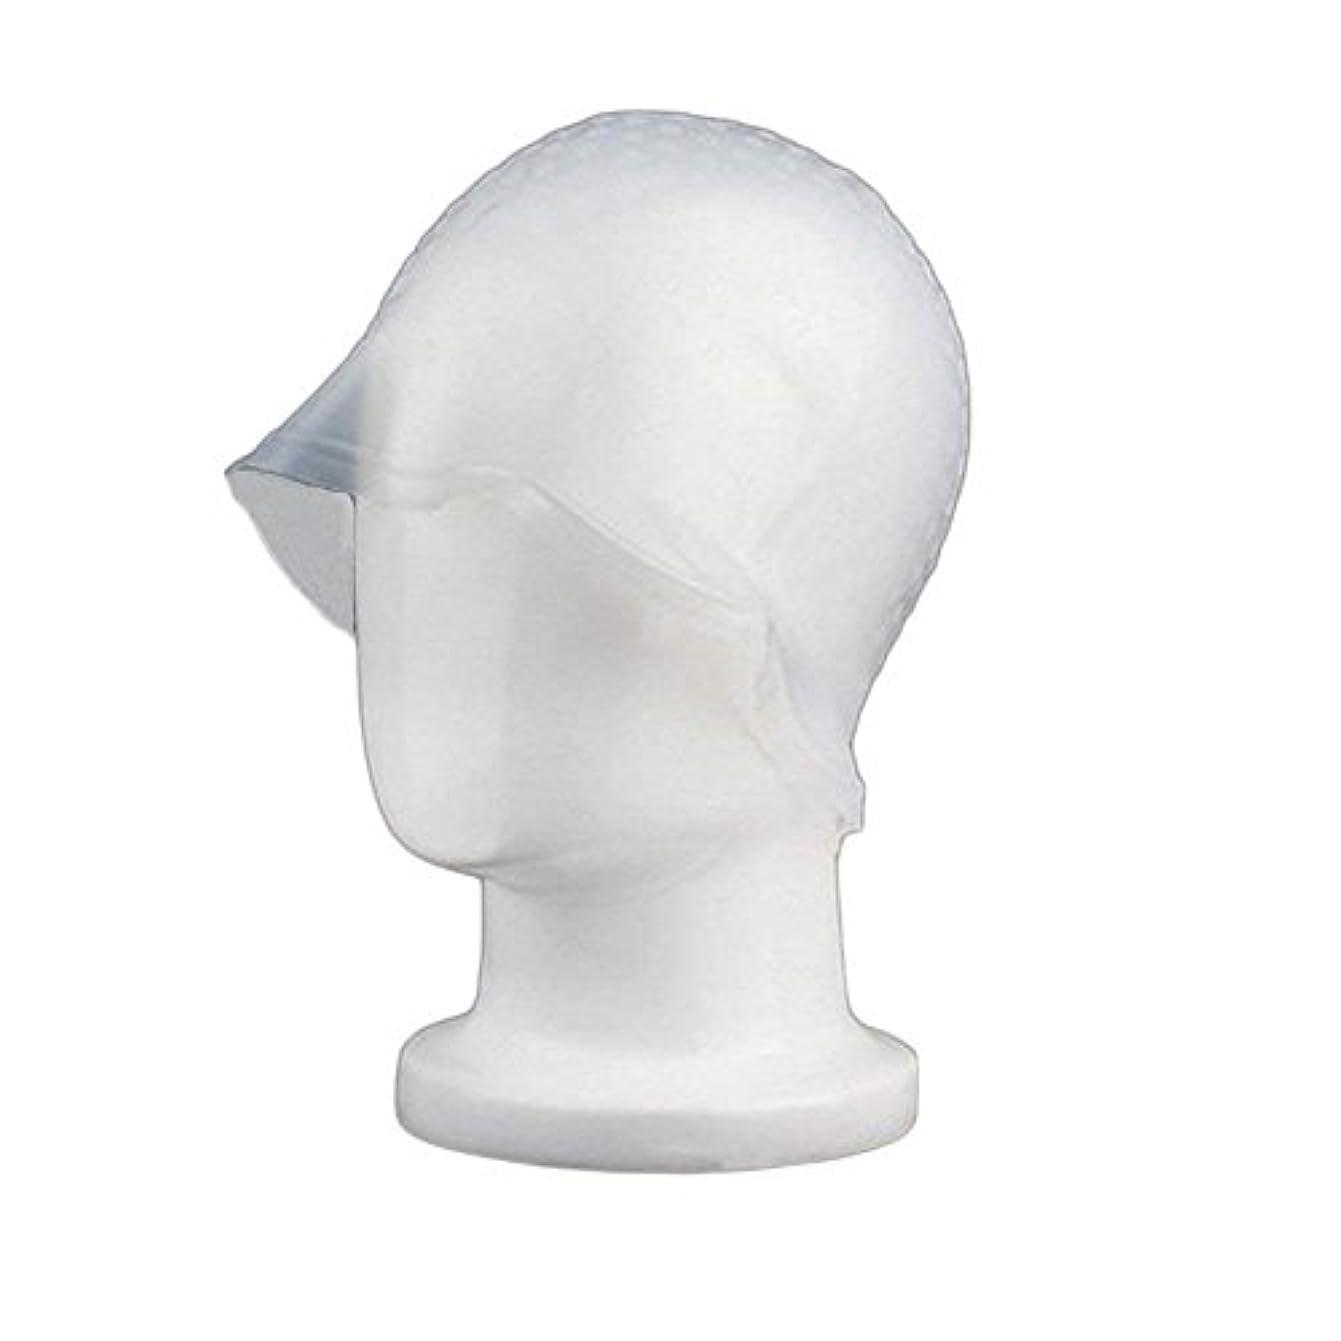 素人マニアック異常Sincerestore 洗って使える ヘアカラー 染め用 メッシュ 用 シリコン ヘア キャップキャップ (ホワイト)